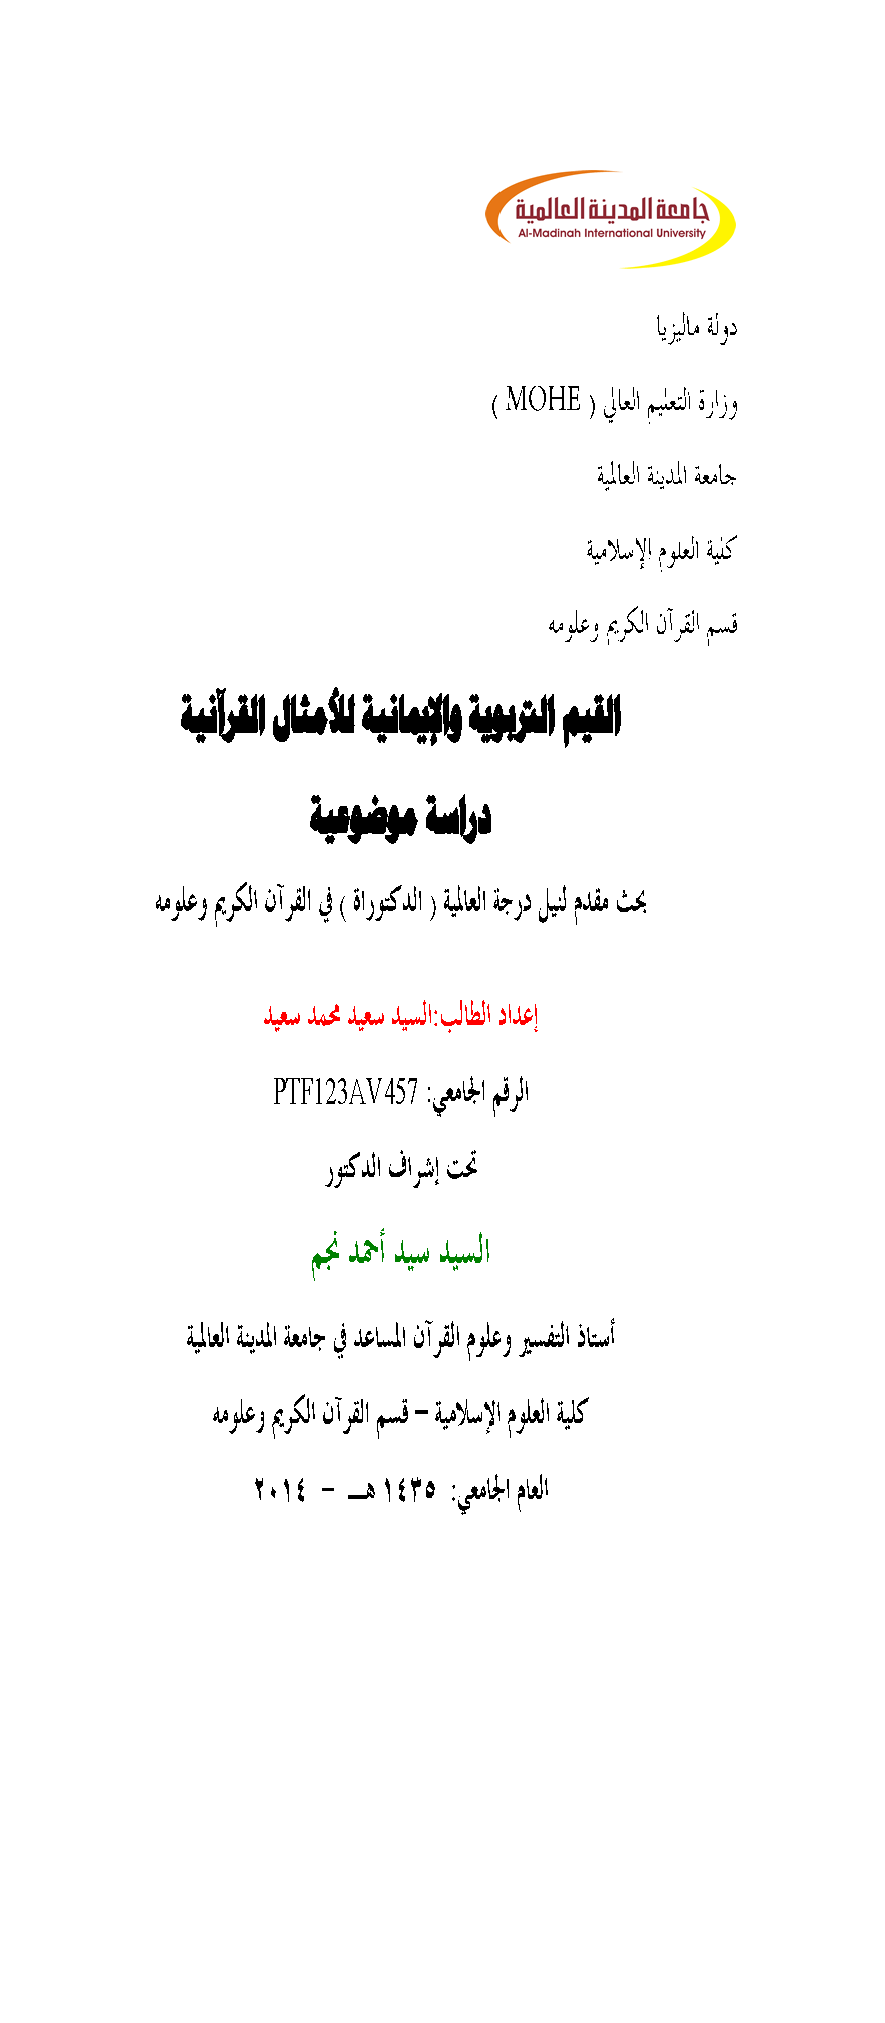 تحميل كتاب القيم التربوية والإيمانية للأمثال القرآنية (دراسة موضوعية) لـِ: الدكتور السيد سعيد محمد سعيد